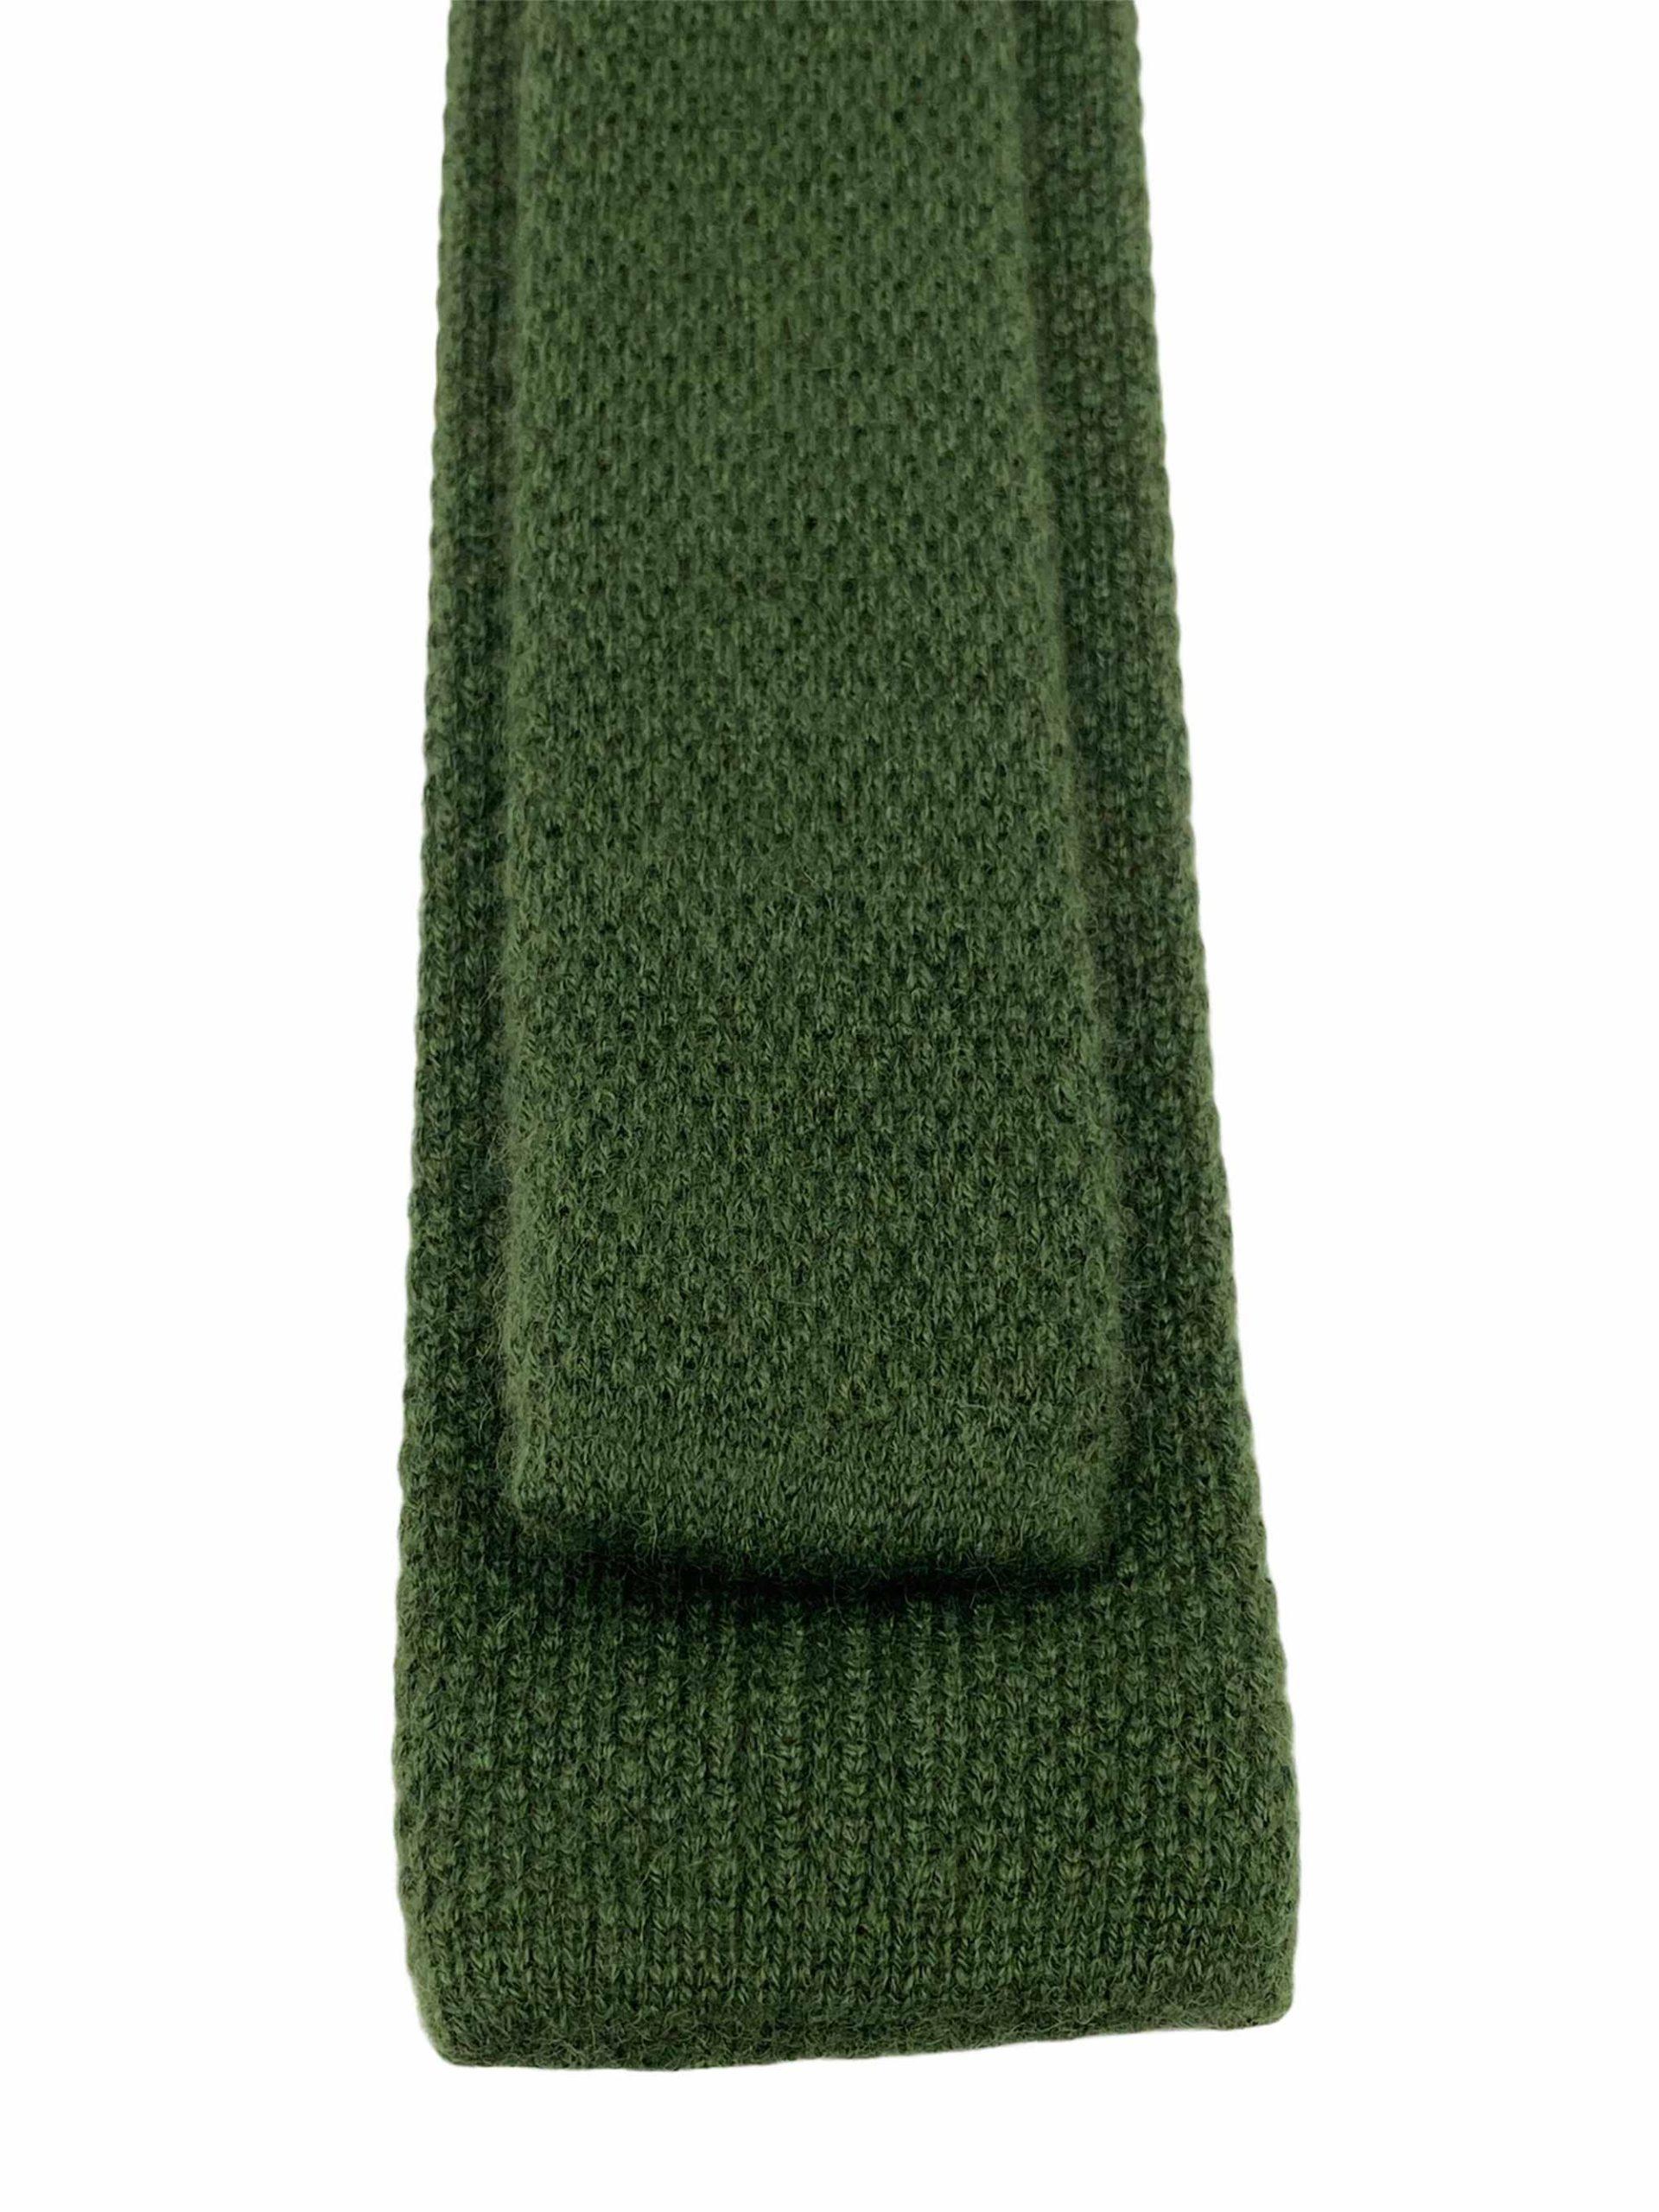 corbata punto cashmere buona fortuna comprar online corbatas italianas exclusivas shop verde hunt